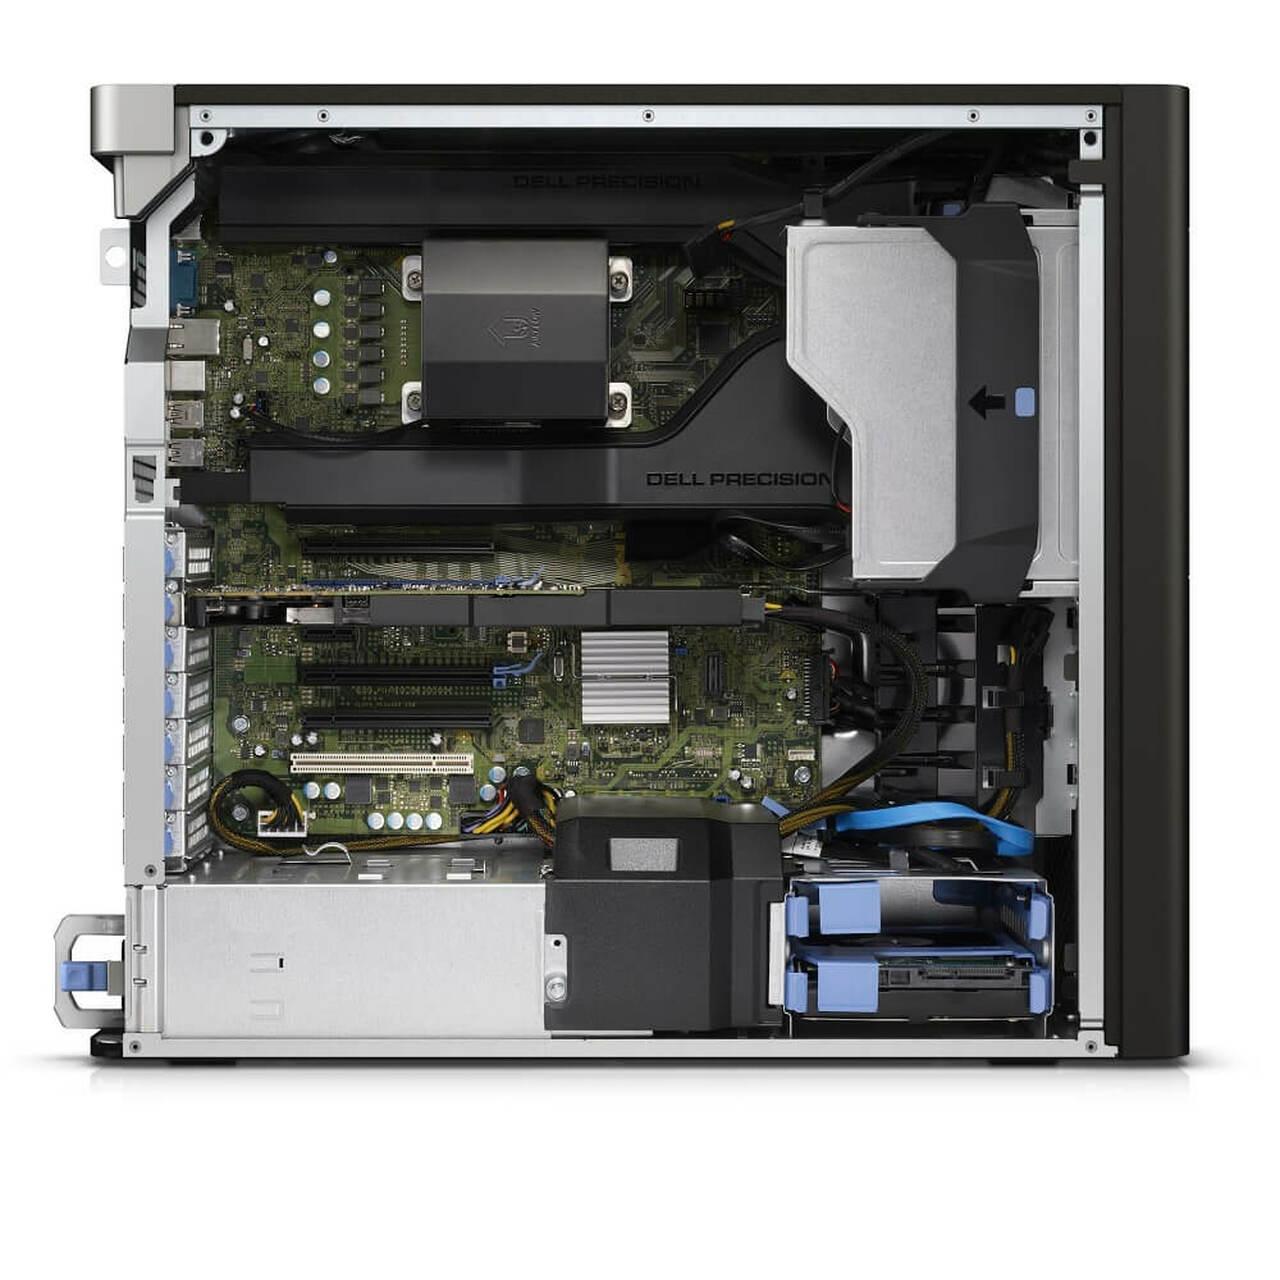 Dell Precision 5810